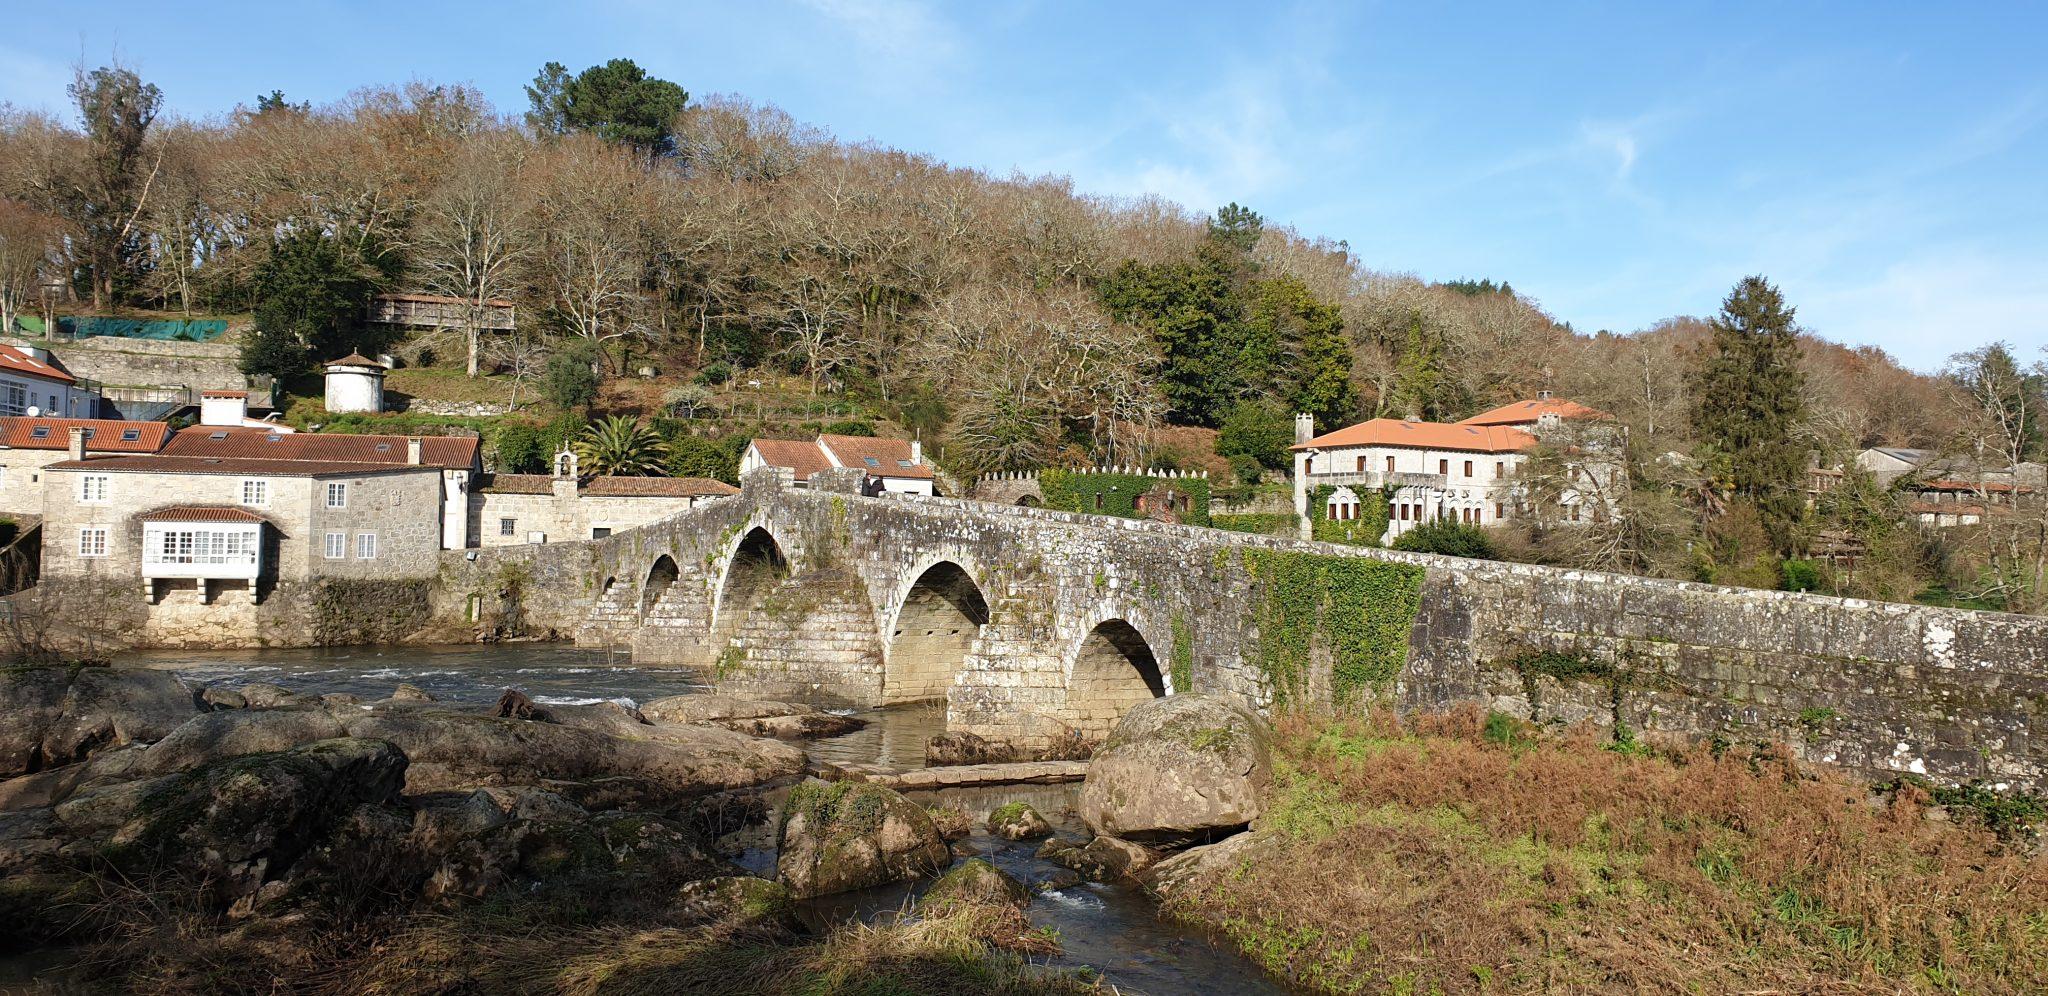 Vistas del puente romano y algunas casas